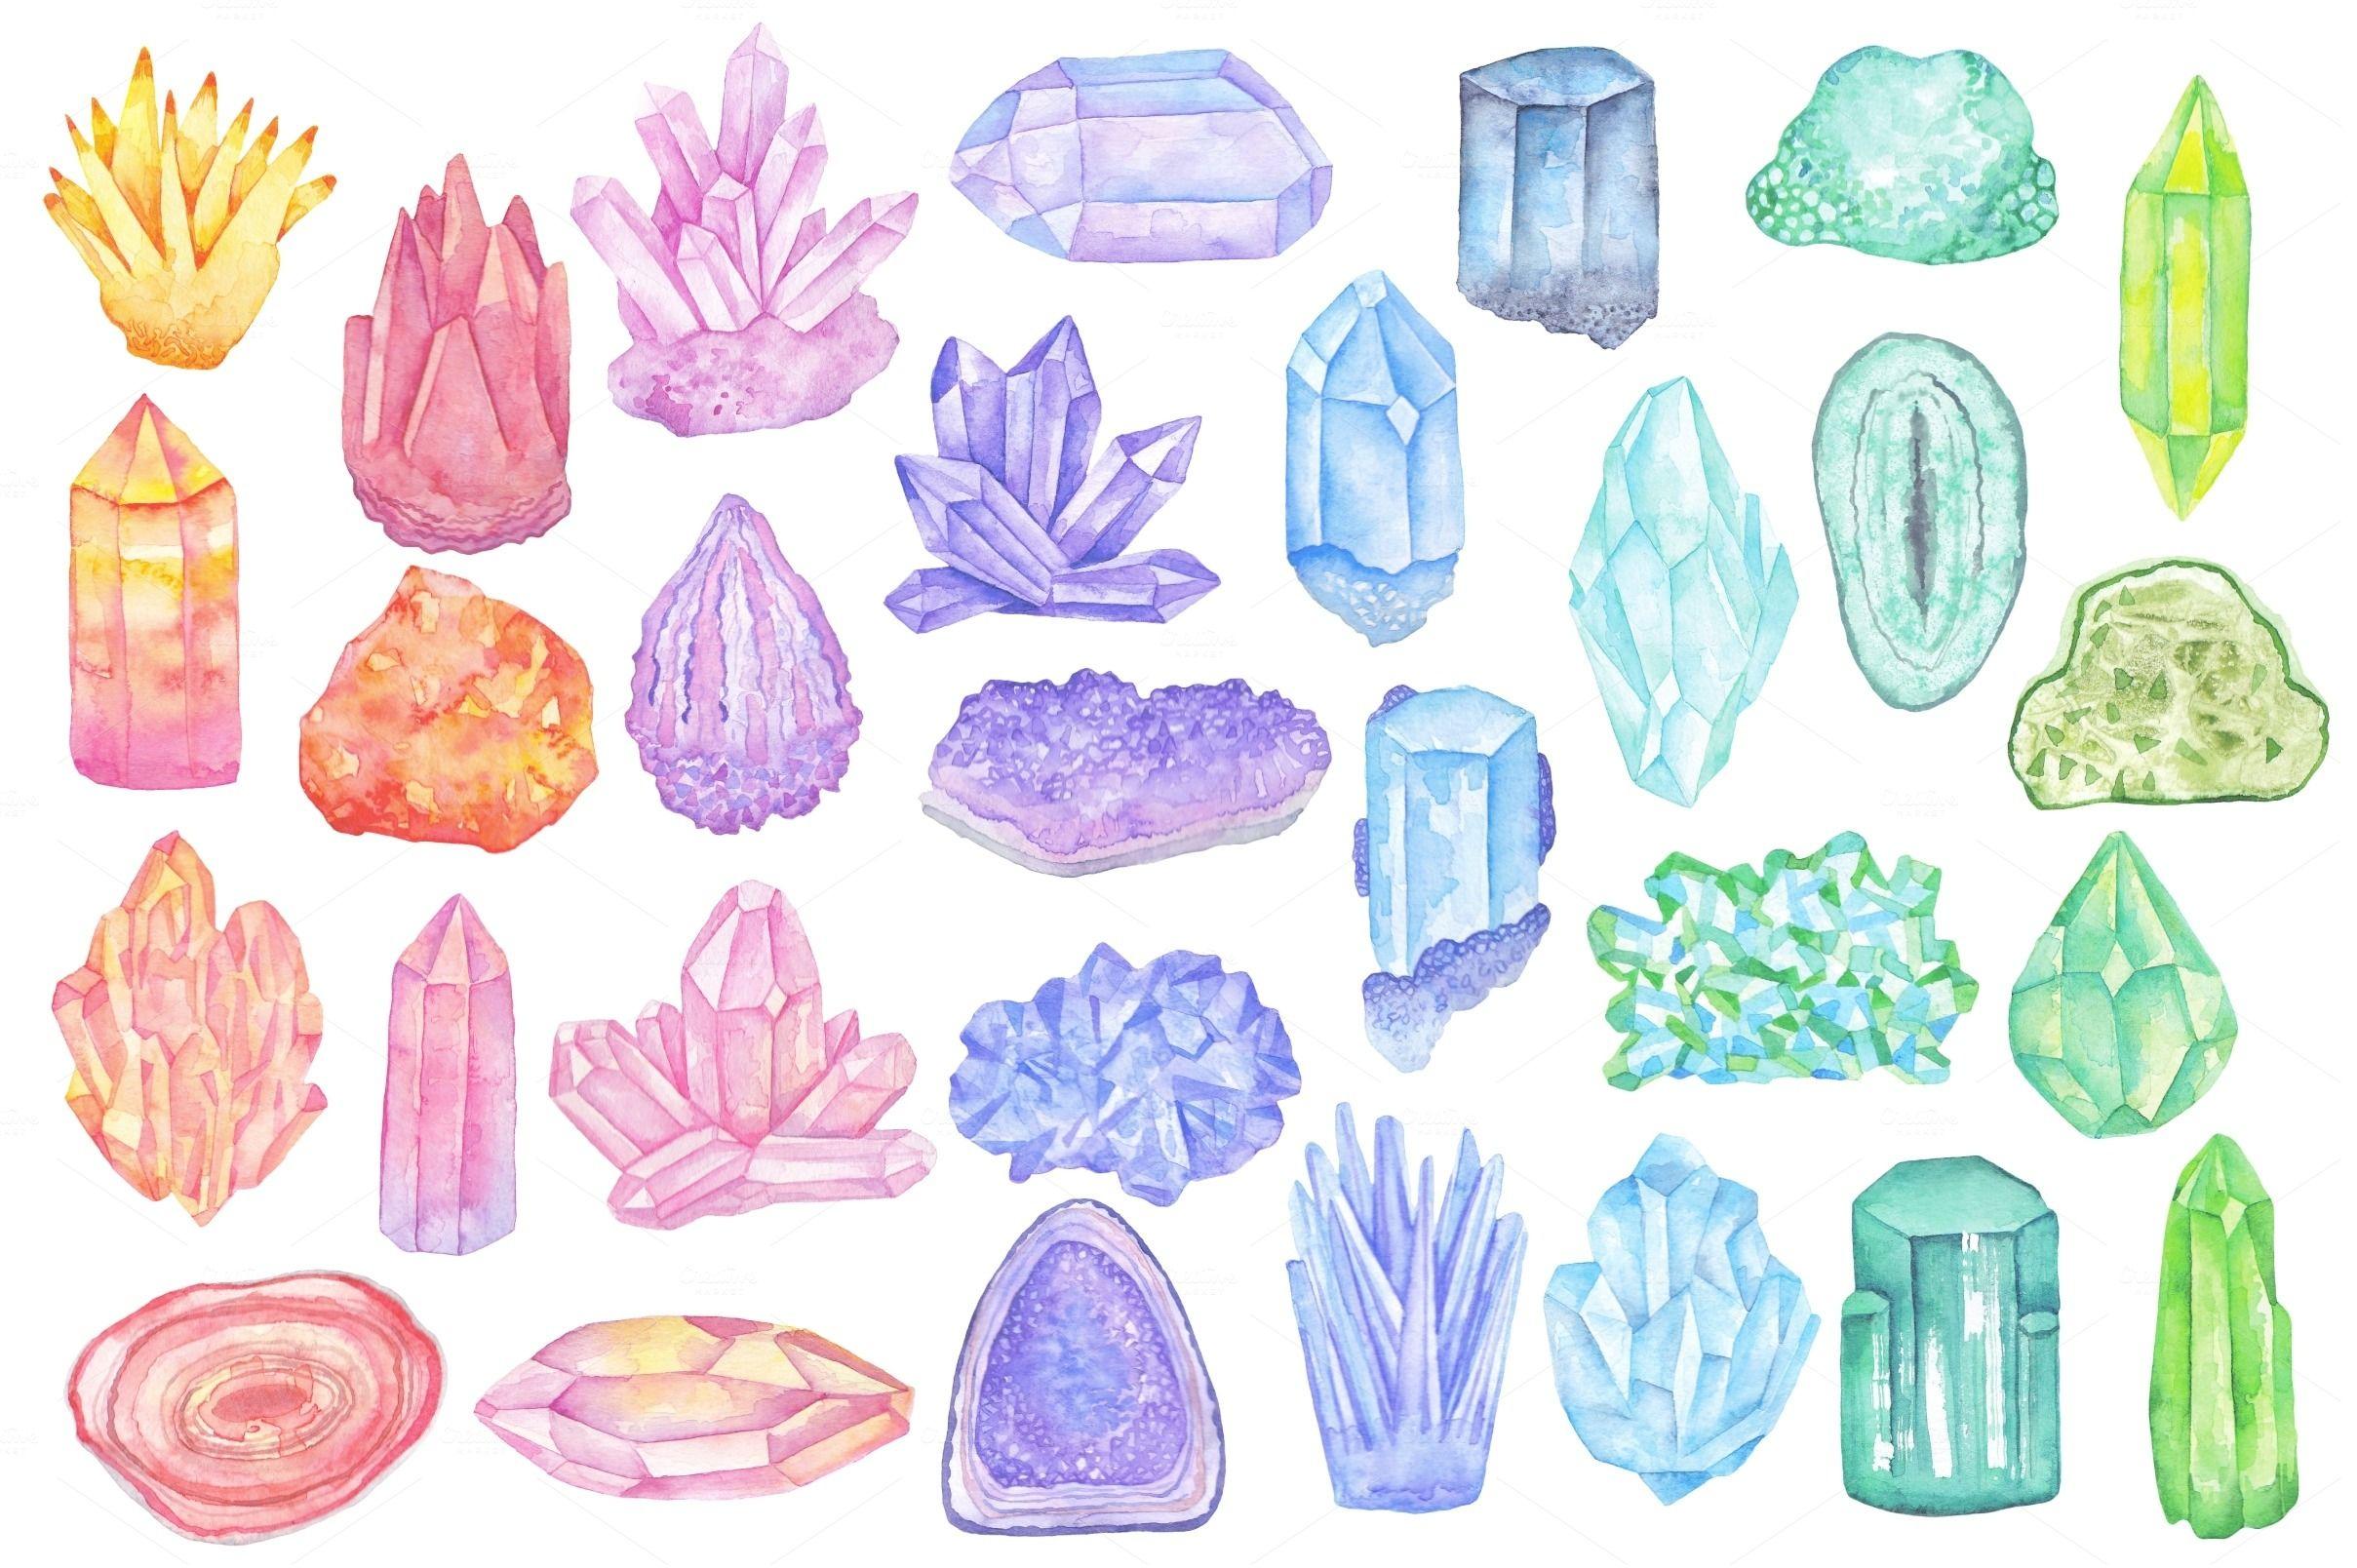 разнообразие картинки срисовать кристаллы вылета